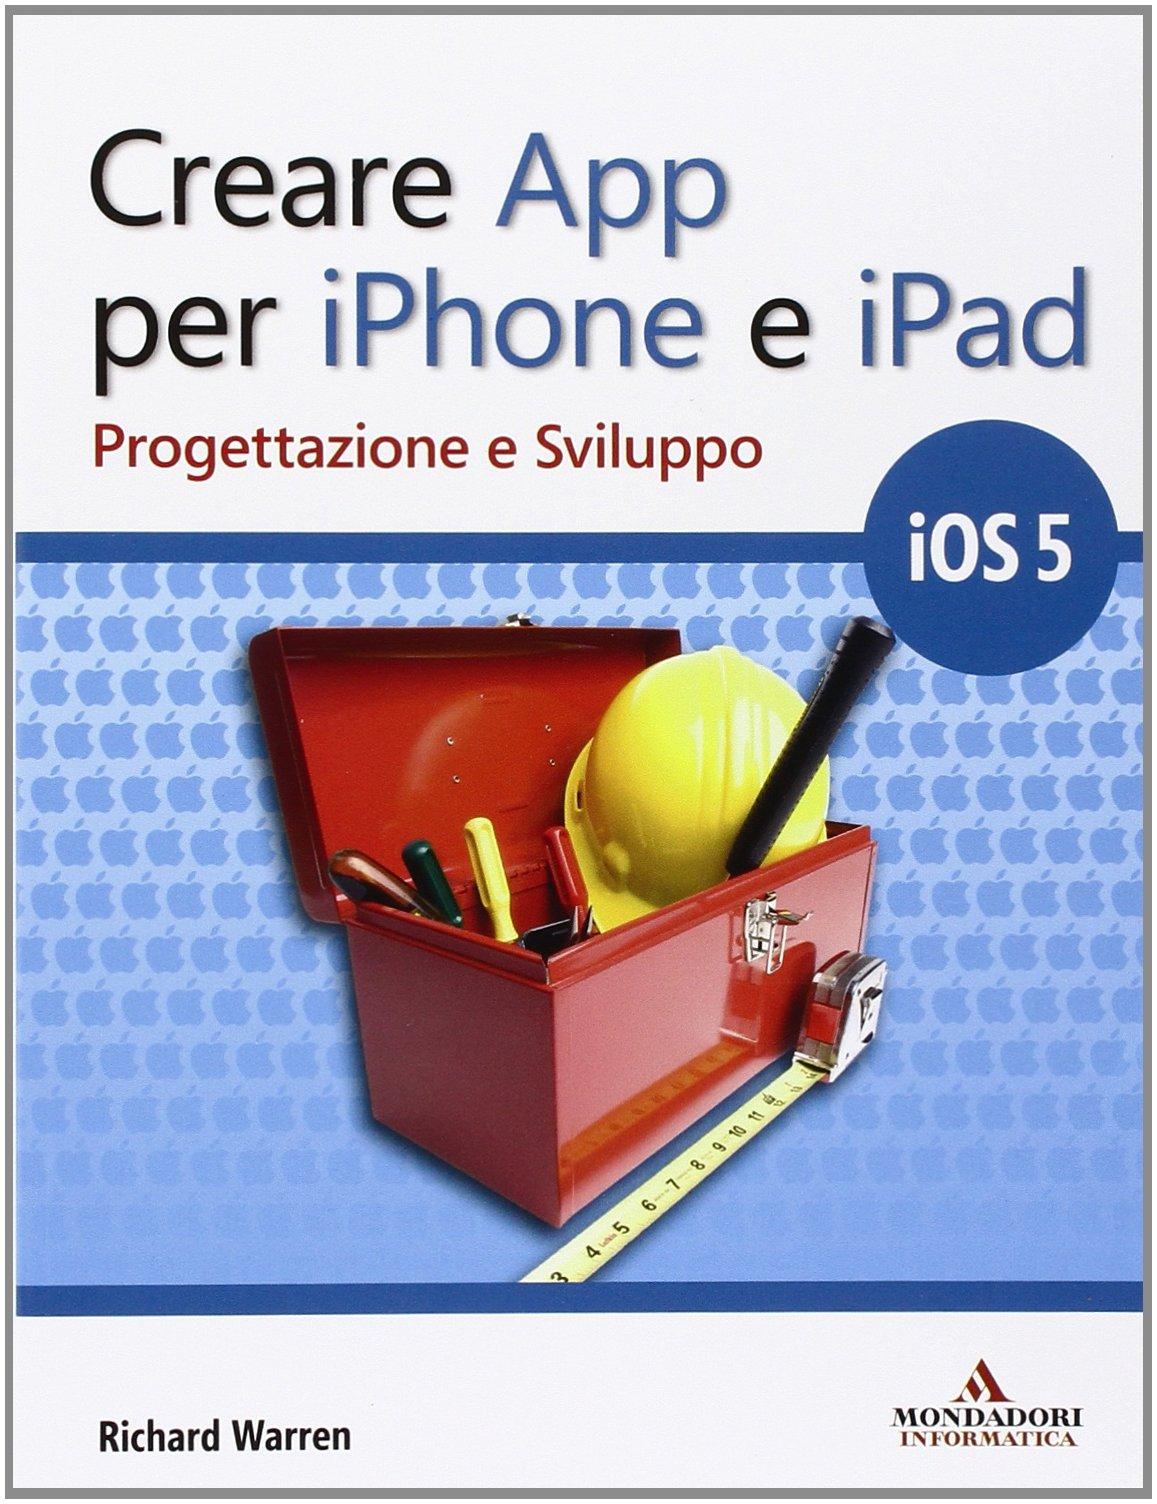 Amazon it: Creare App per iPhone e iPad  Progettazione e